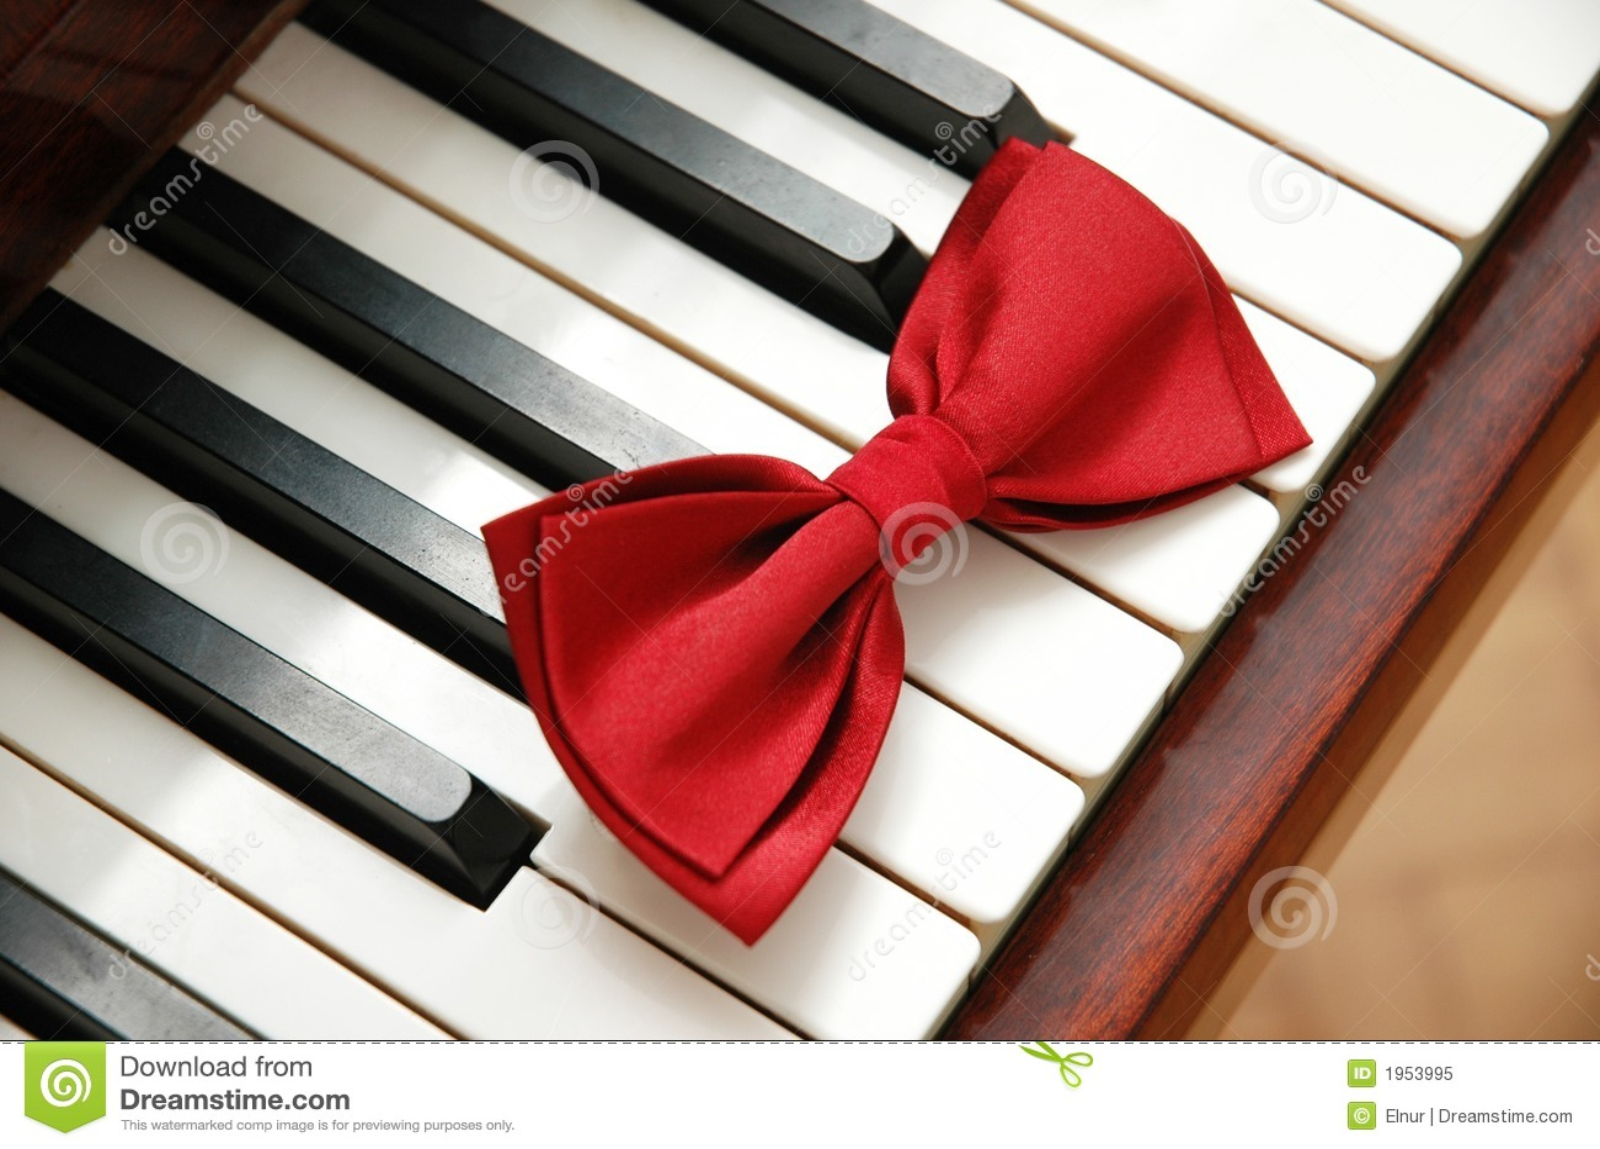 Happy Birthday, Lisa! Red-bow-tie-piano-keys-1953995